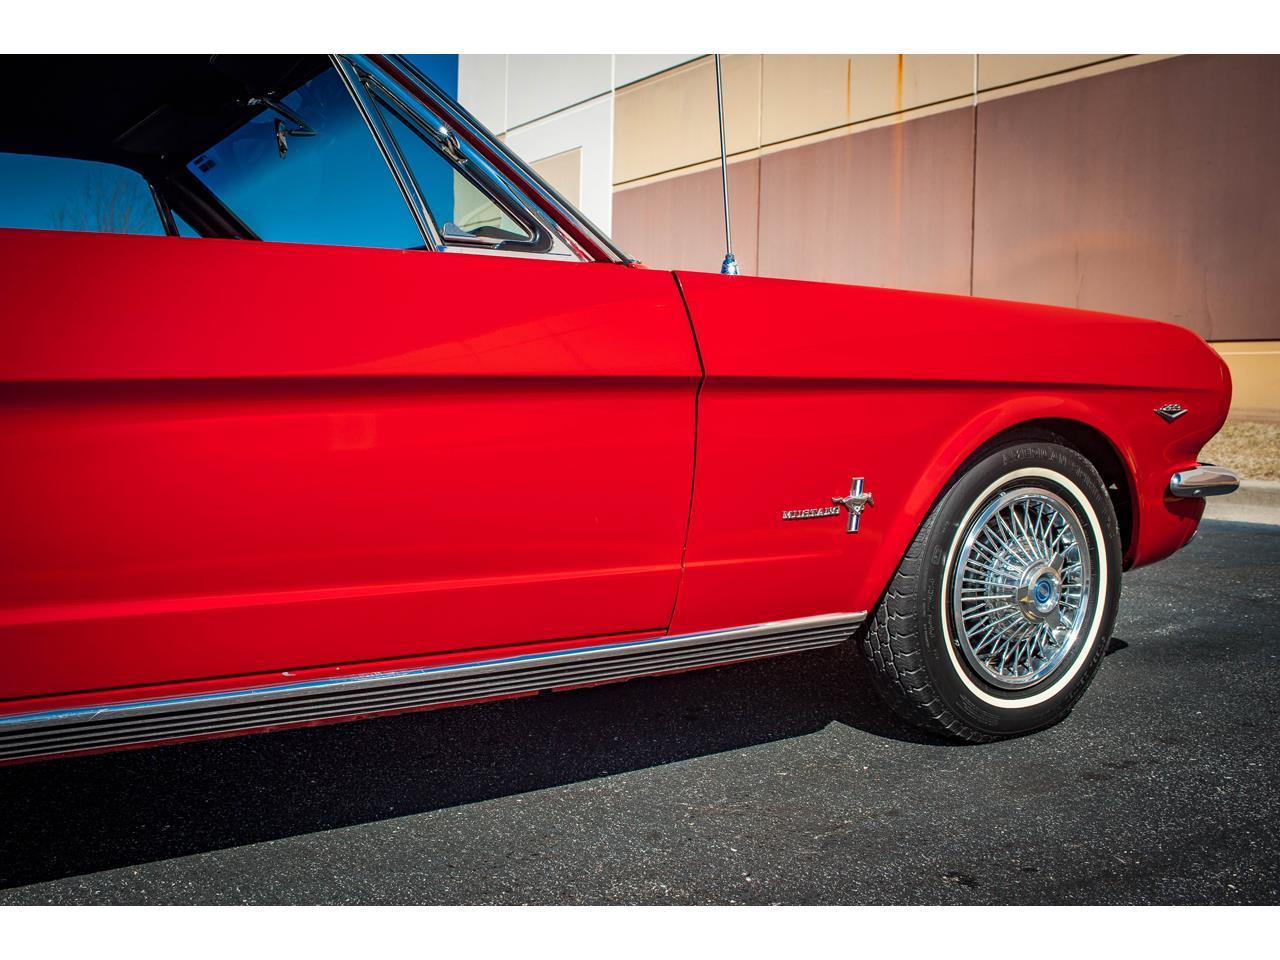 Ford Mustang Historique v8 289 1966 prix tout compris